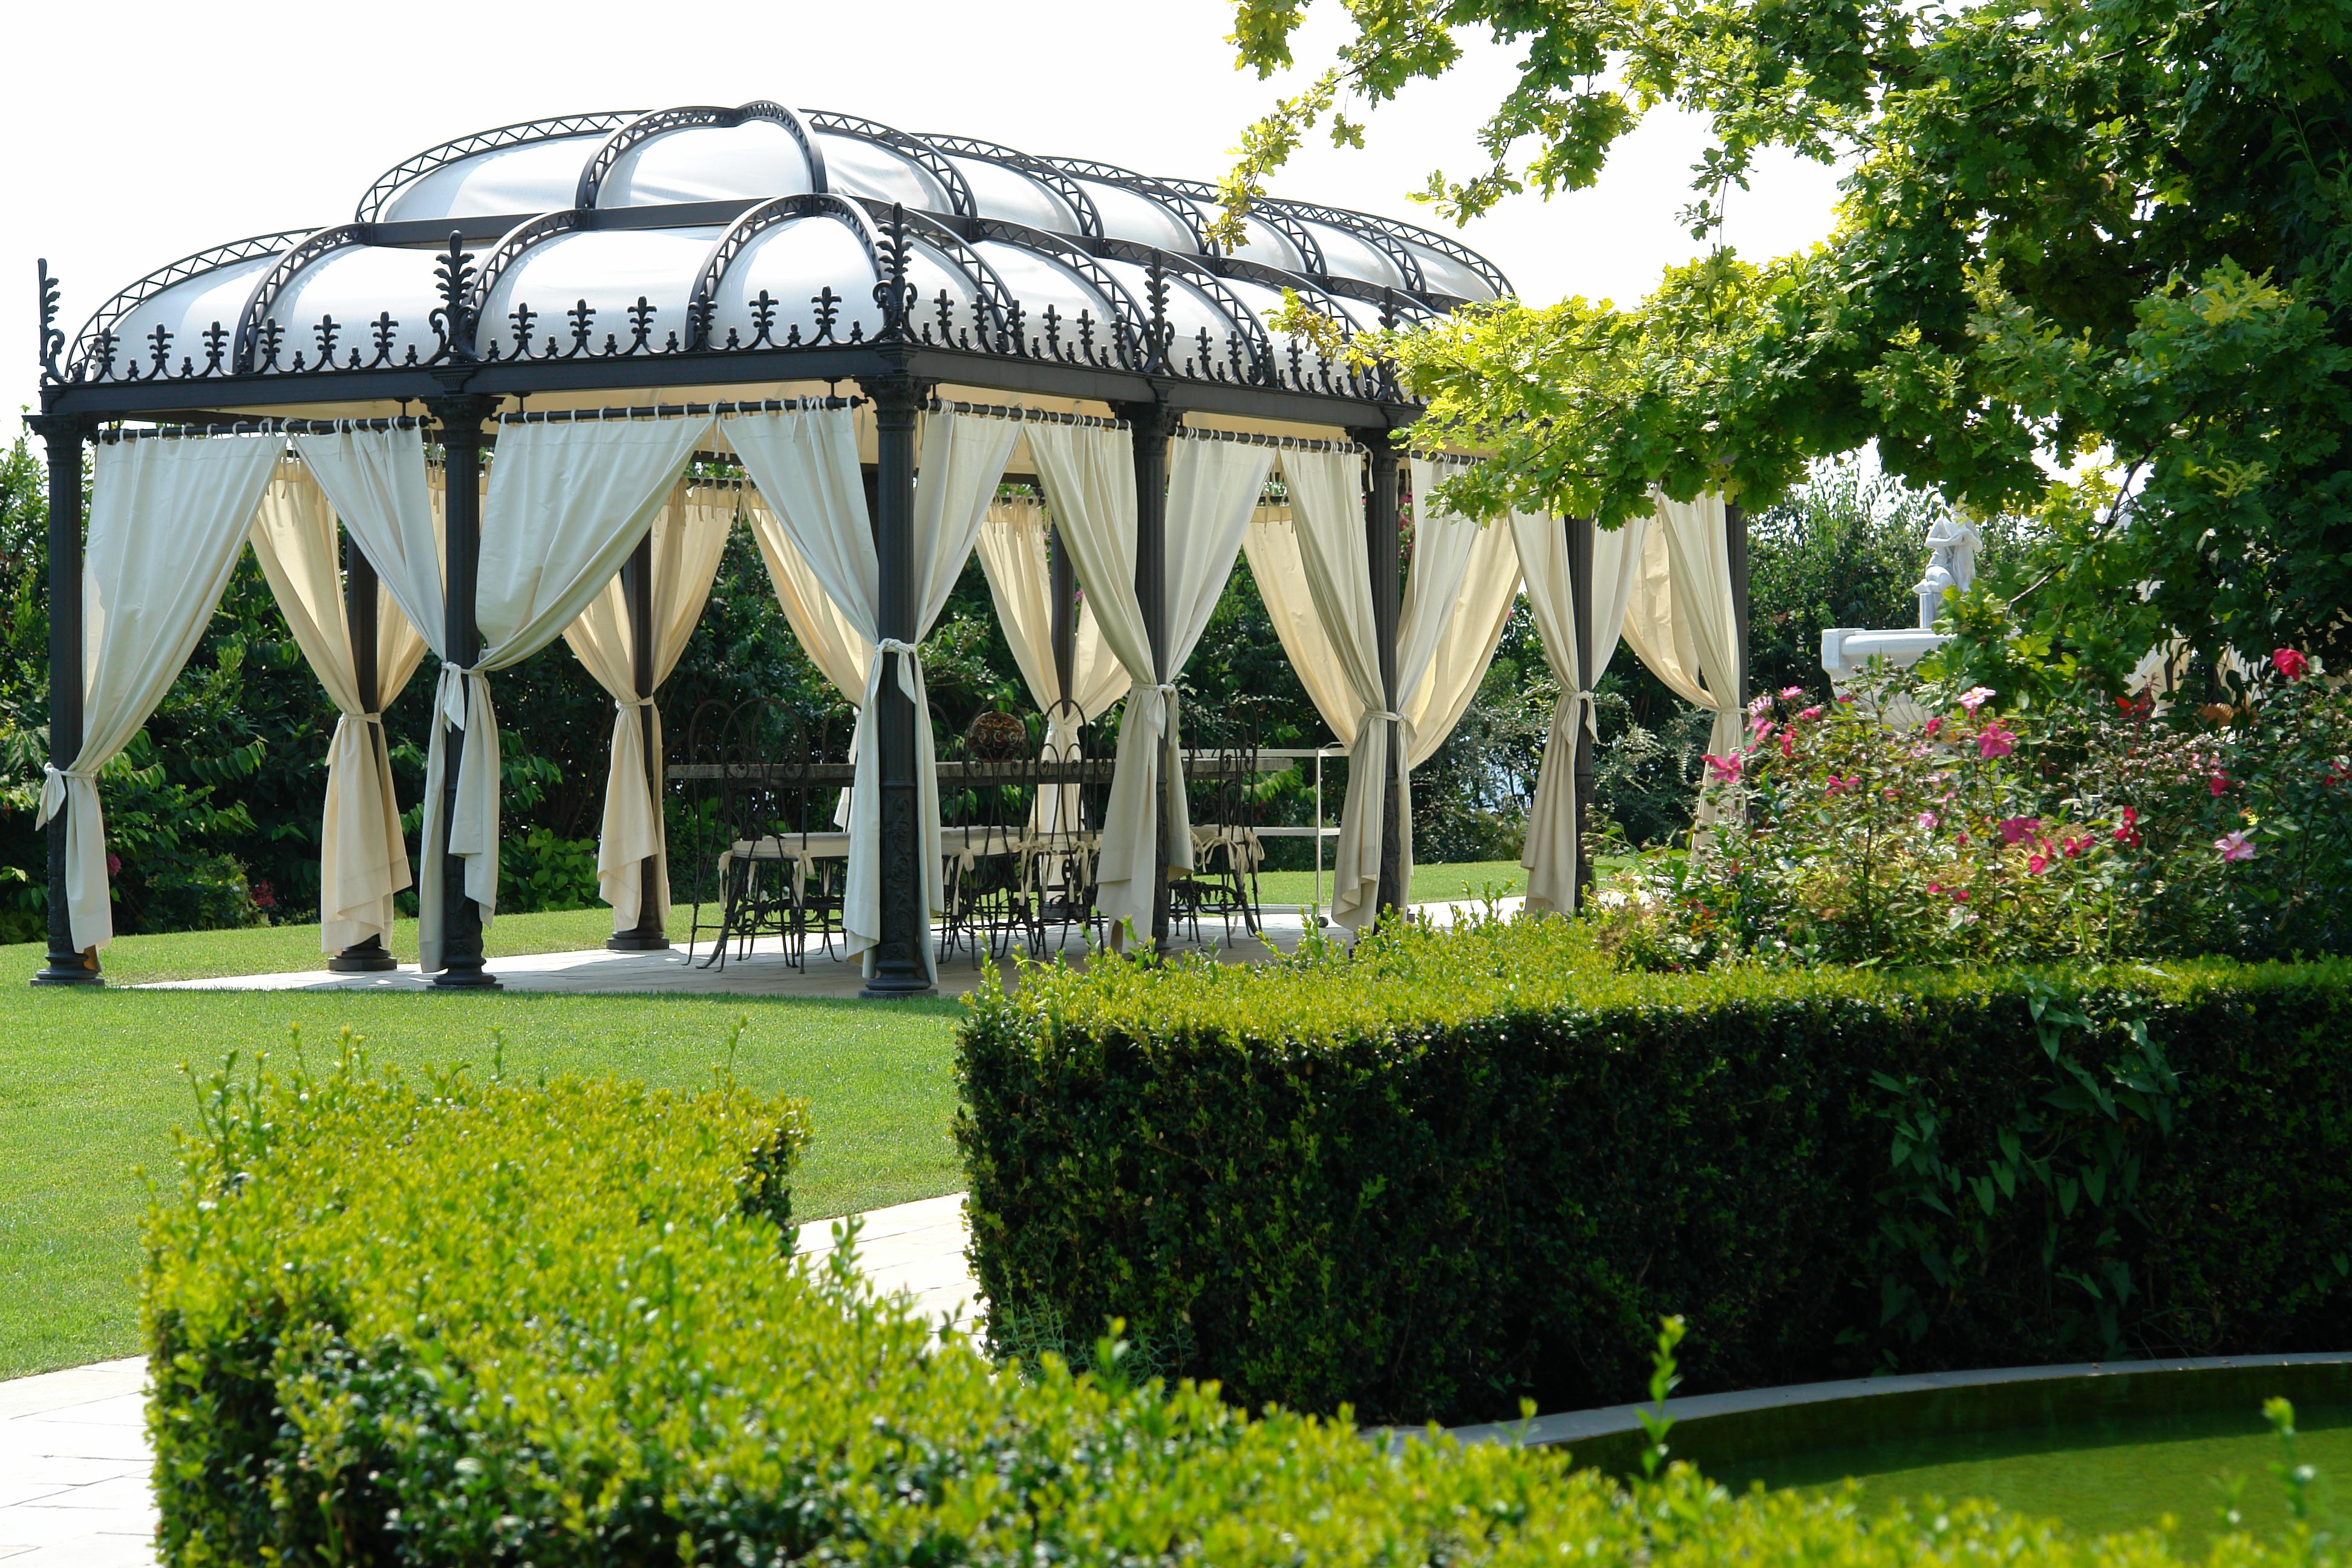 Le nostre orangerie, studiate in ogni dettaglio - News & Events